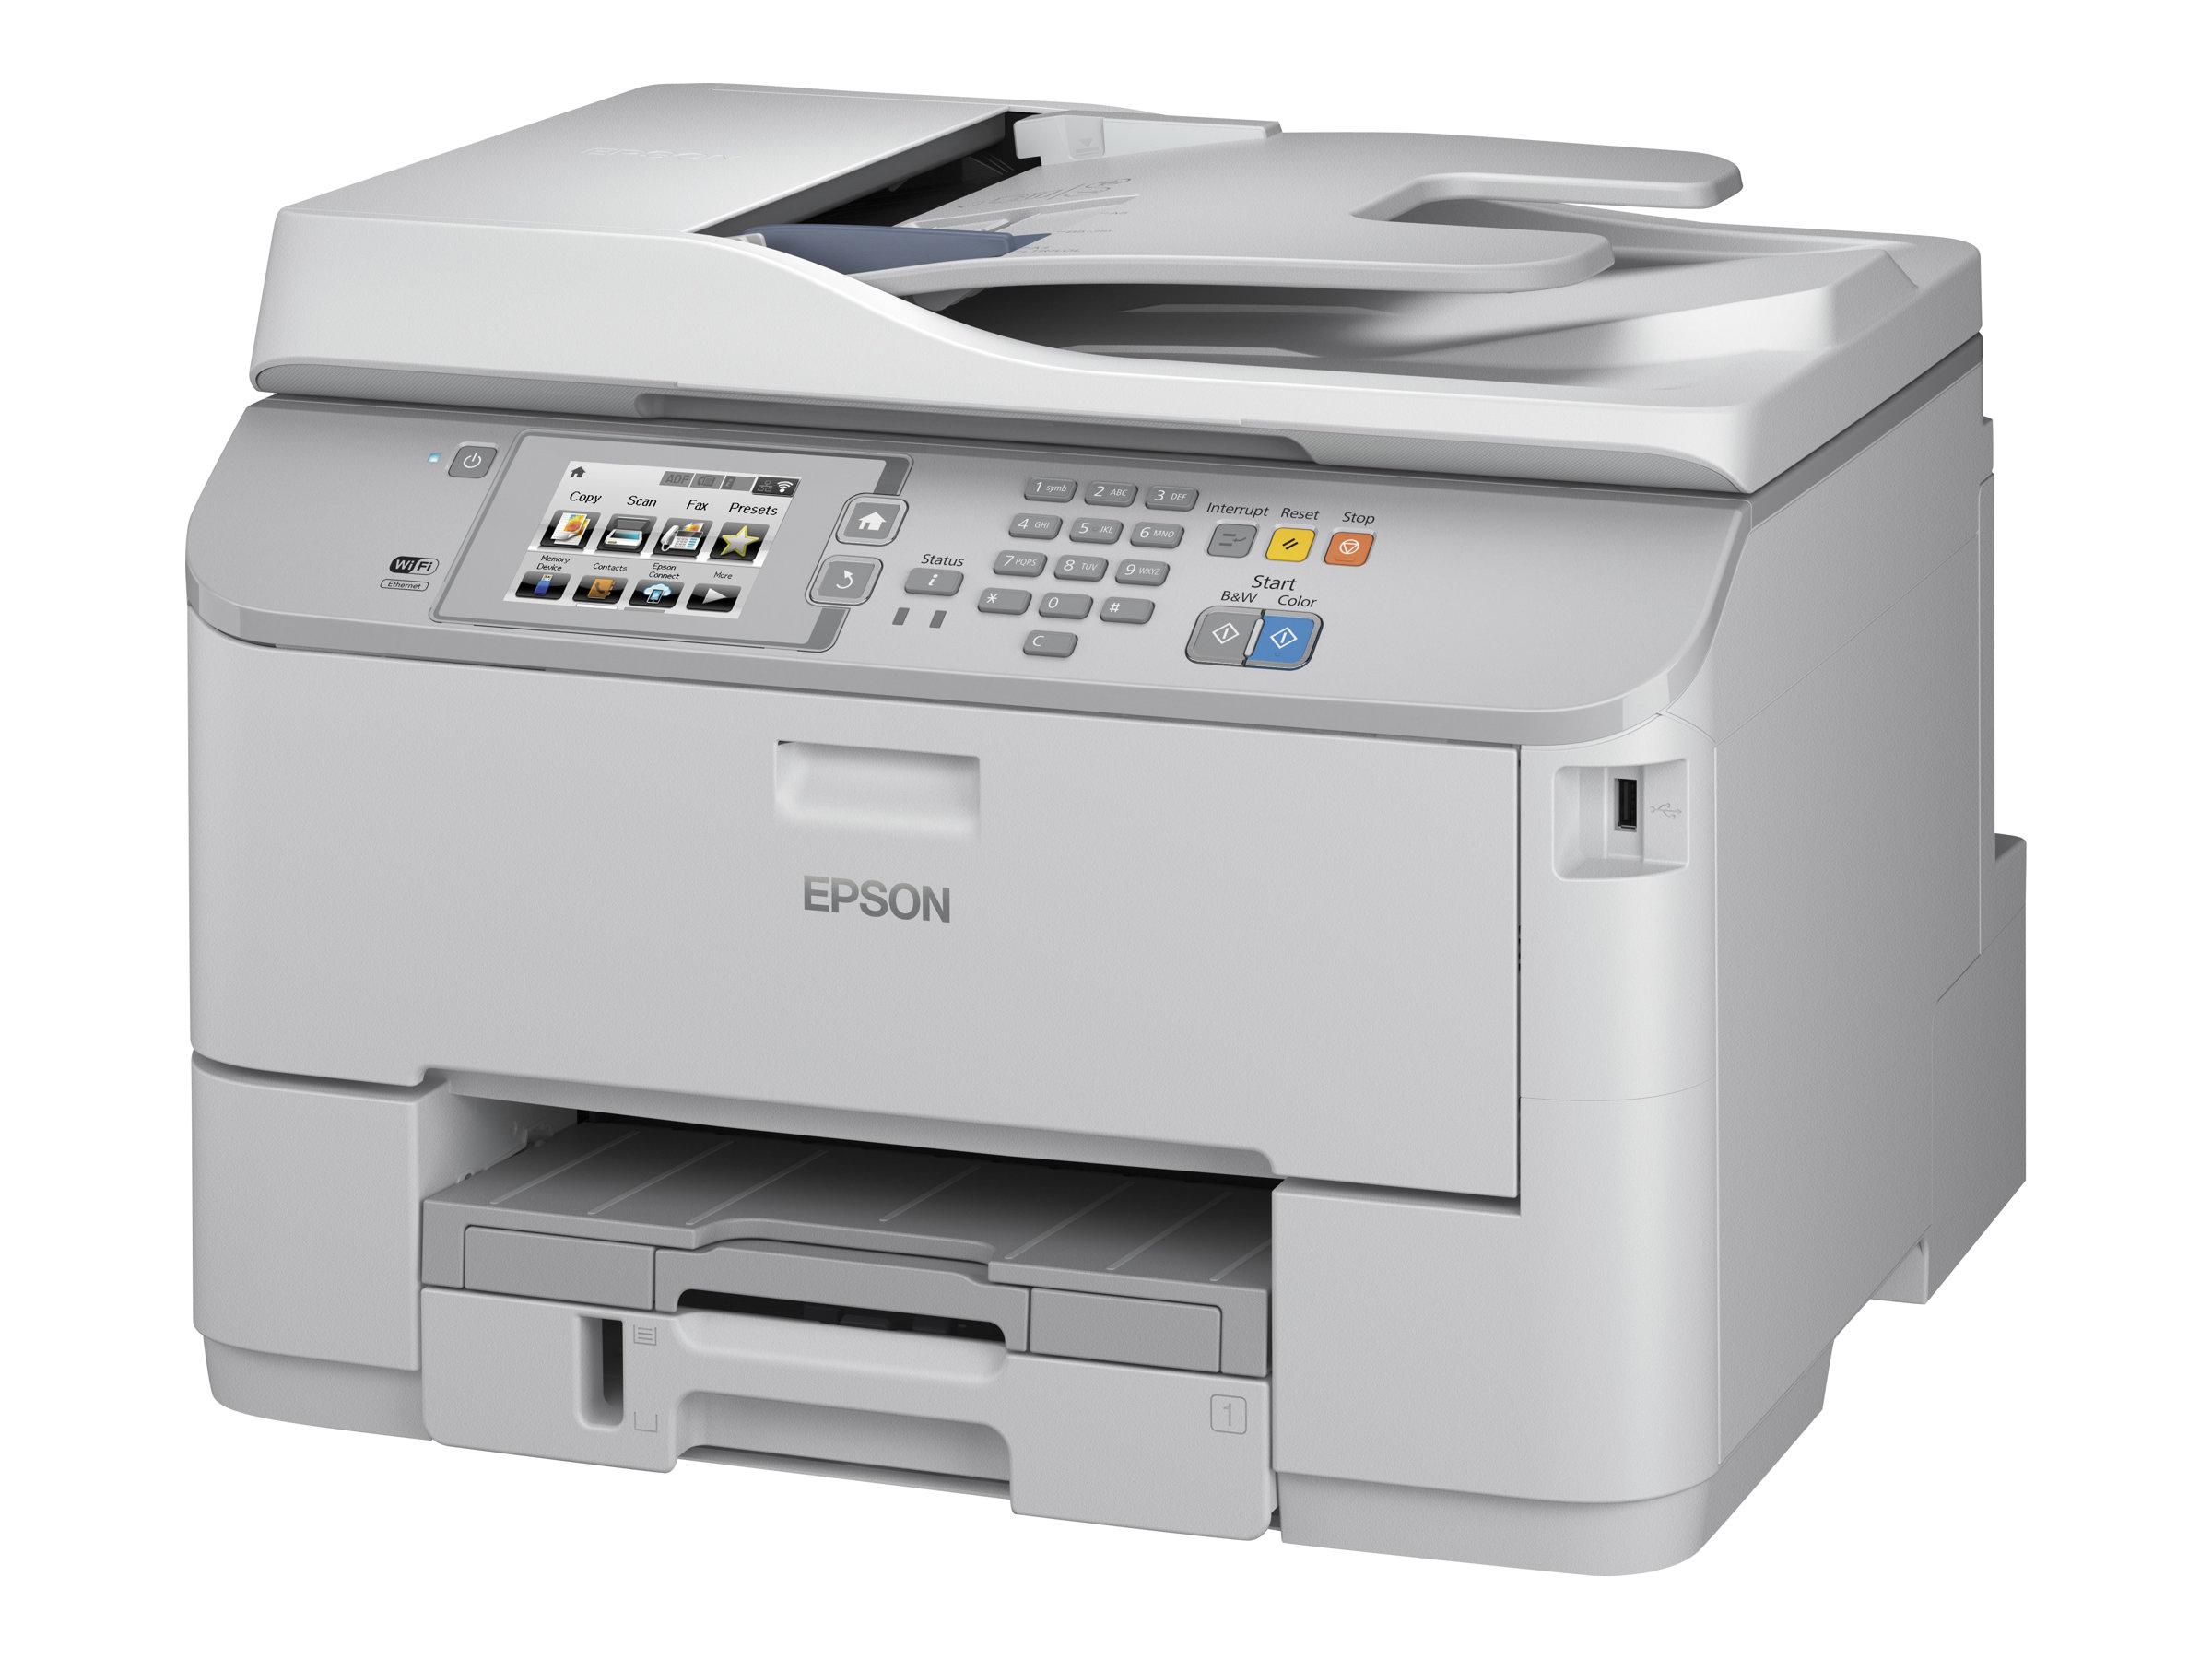 Vorschau: Epson WorkForce Pro WF-5620DWF